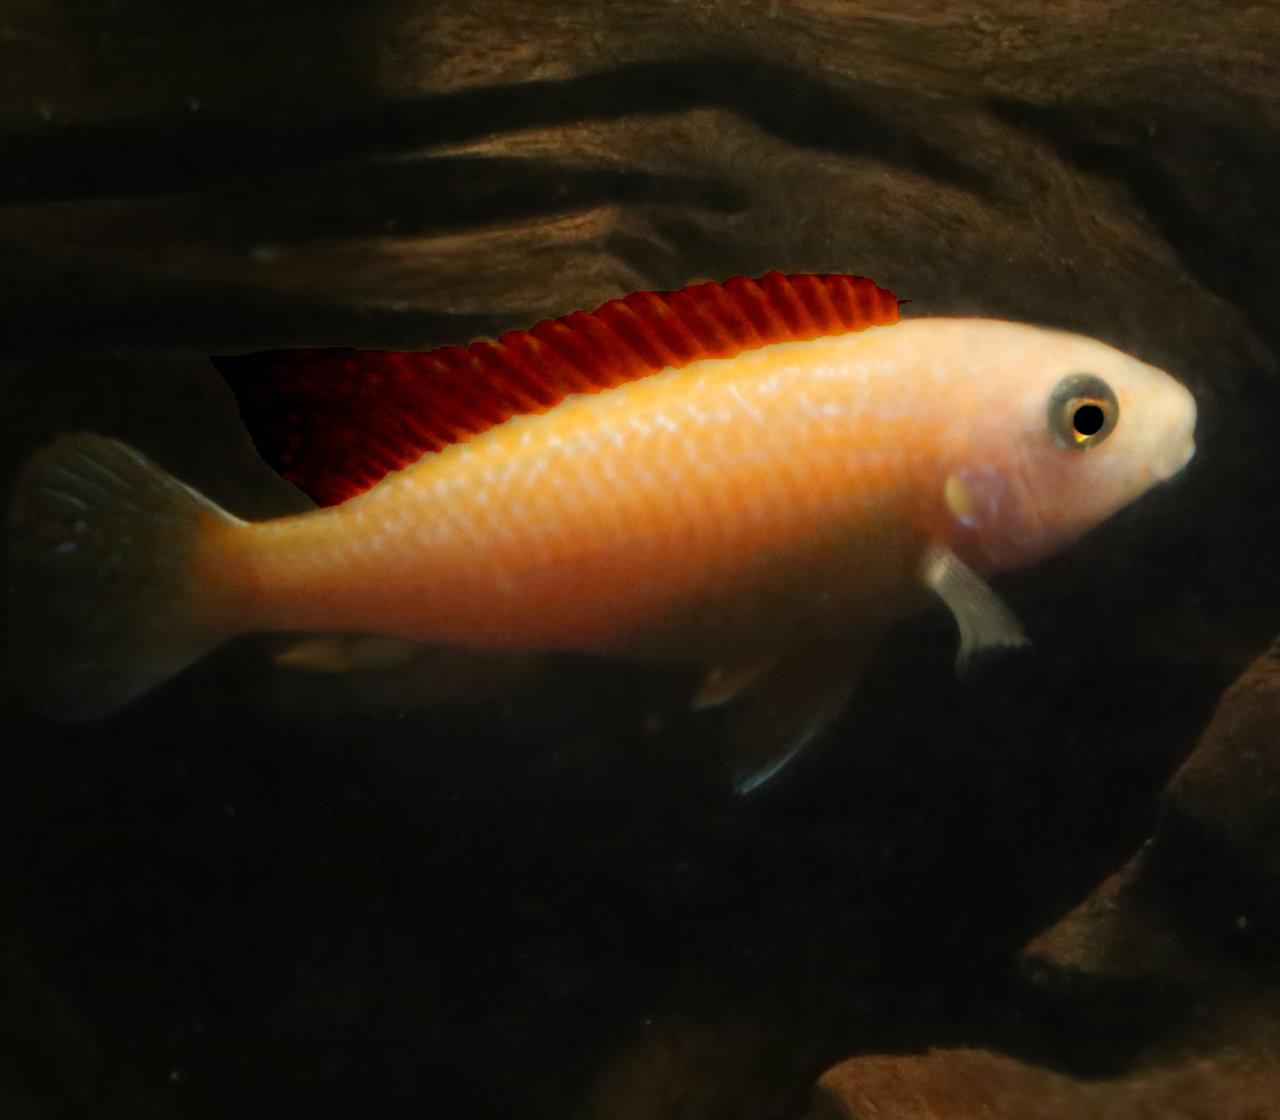 Premium New and Rare, Red Exasperatus Mbuna Cichlid